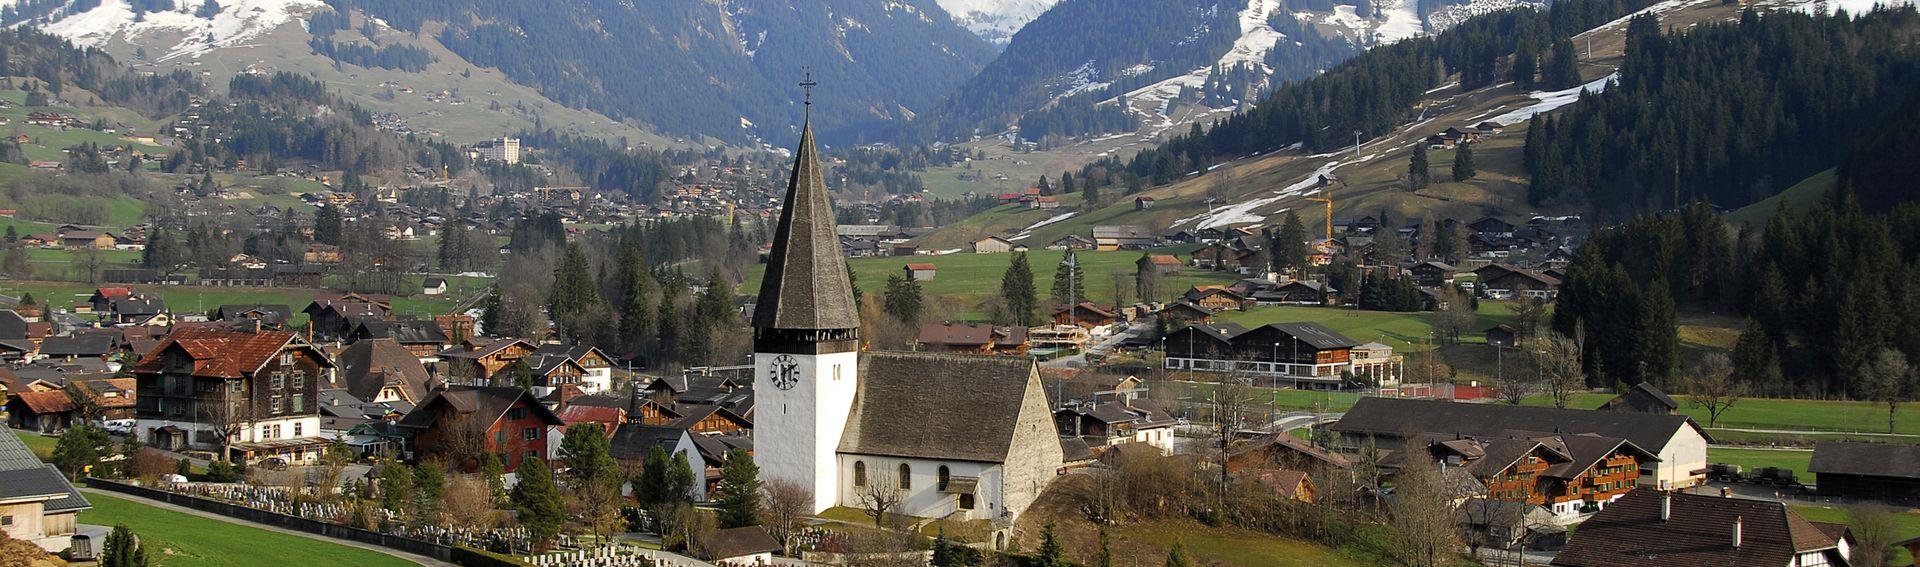 Gstaad-Saanen